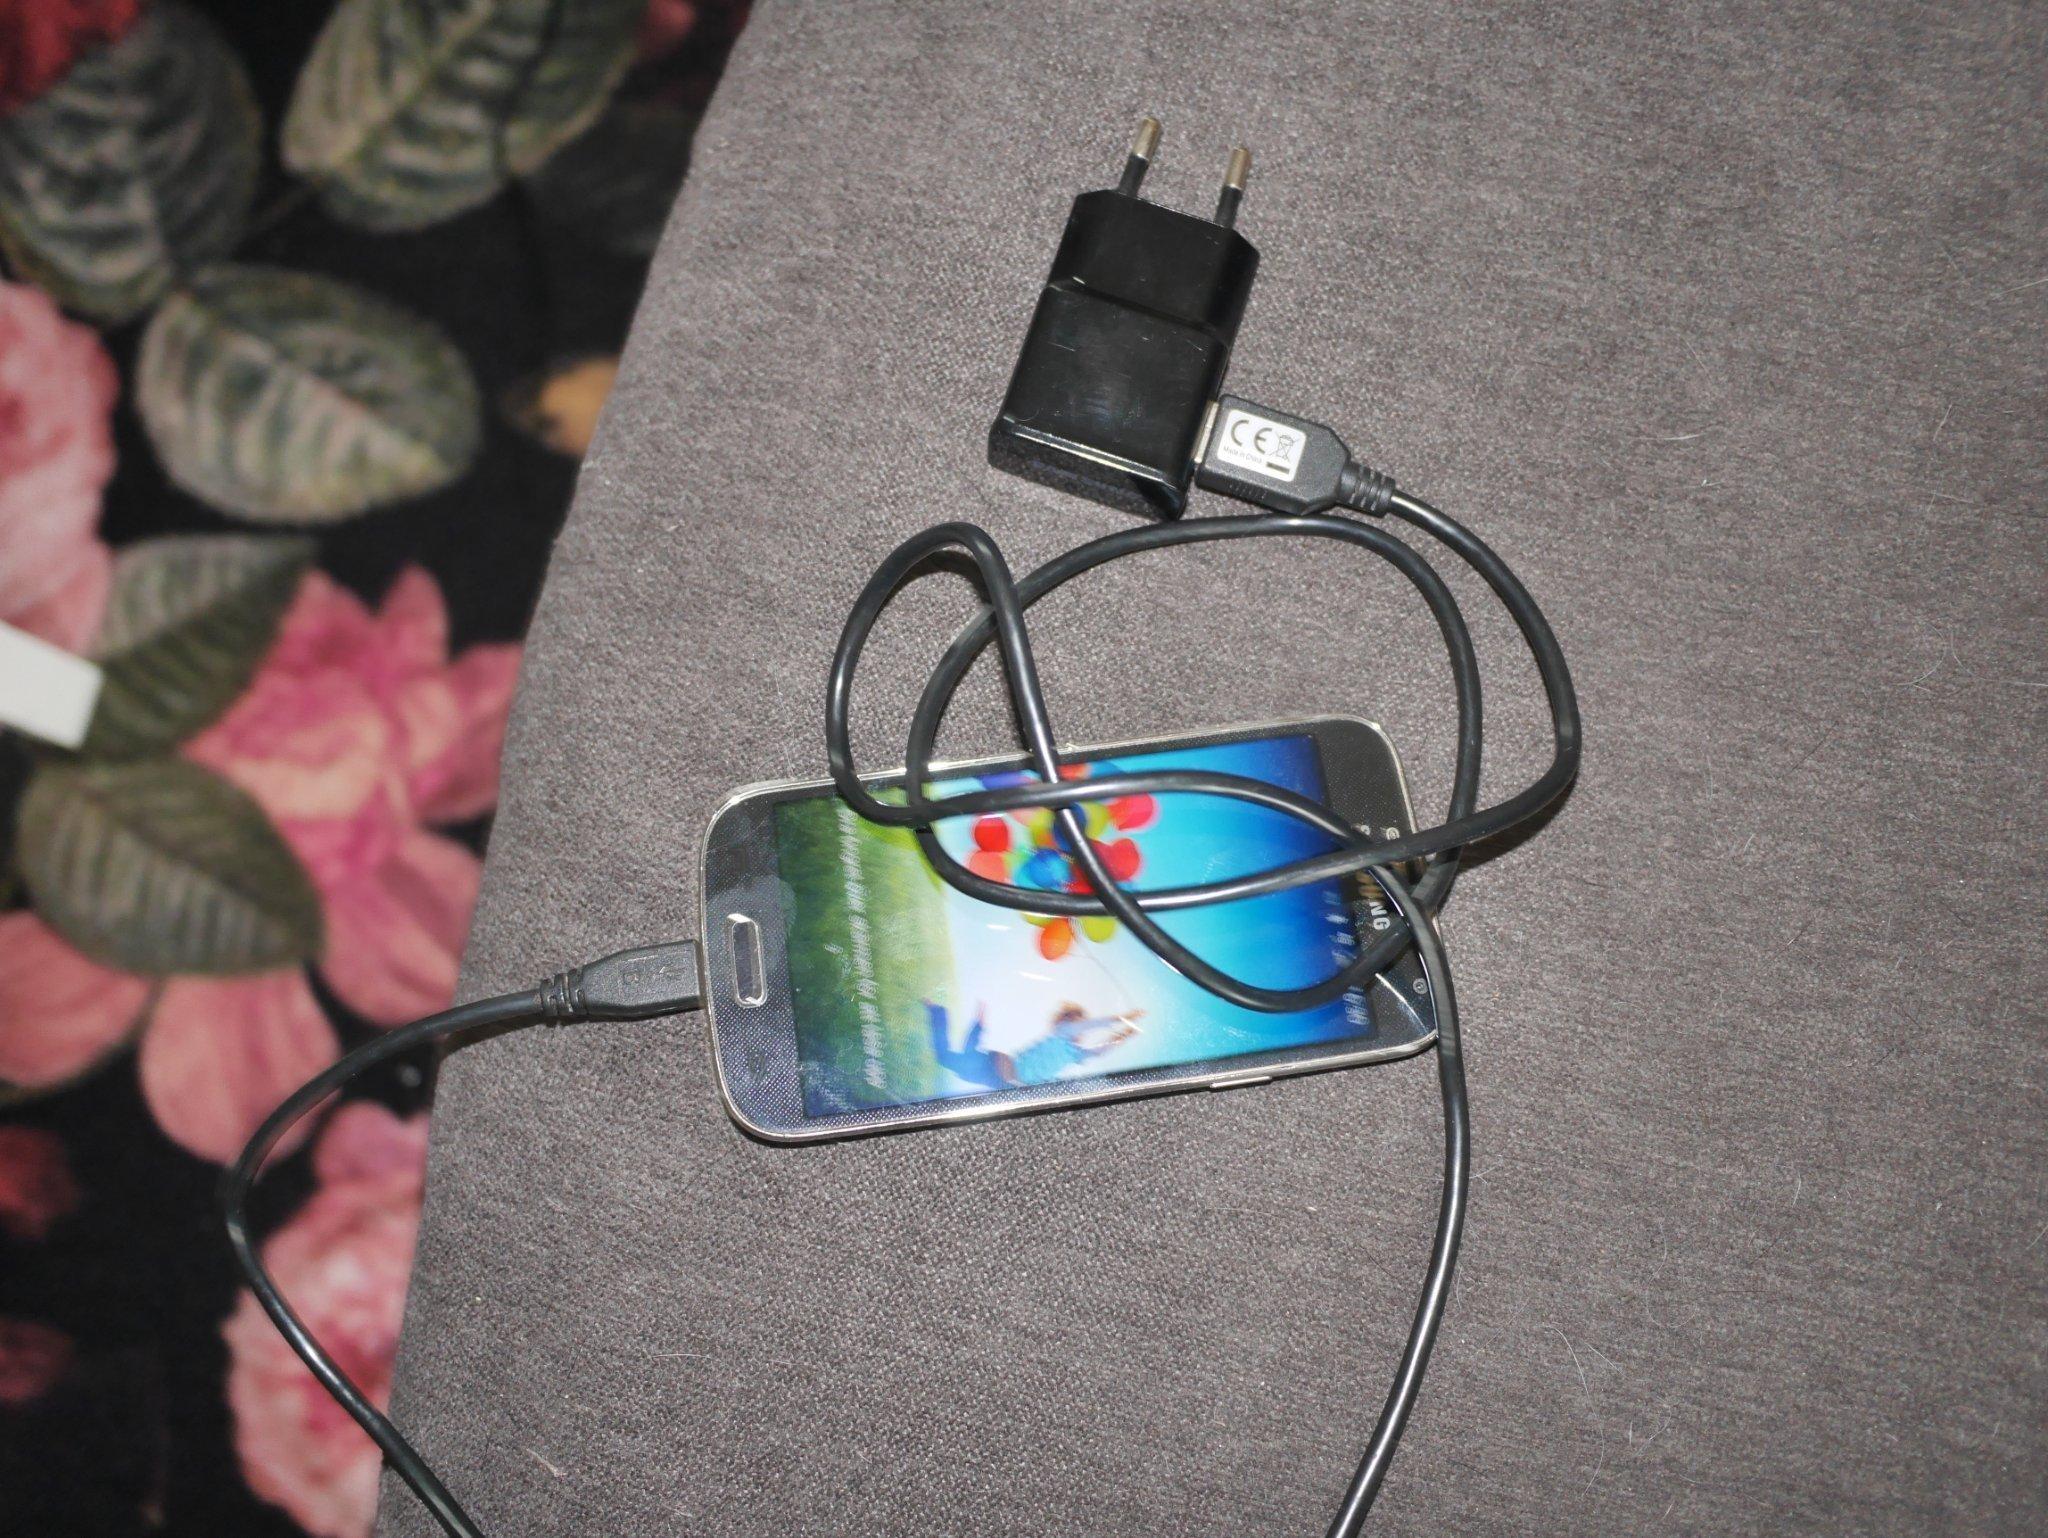 Samsung Galaxy S4 mini + laddare